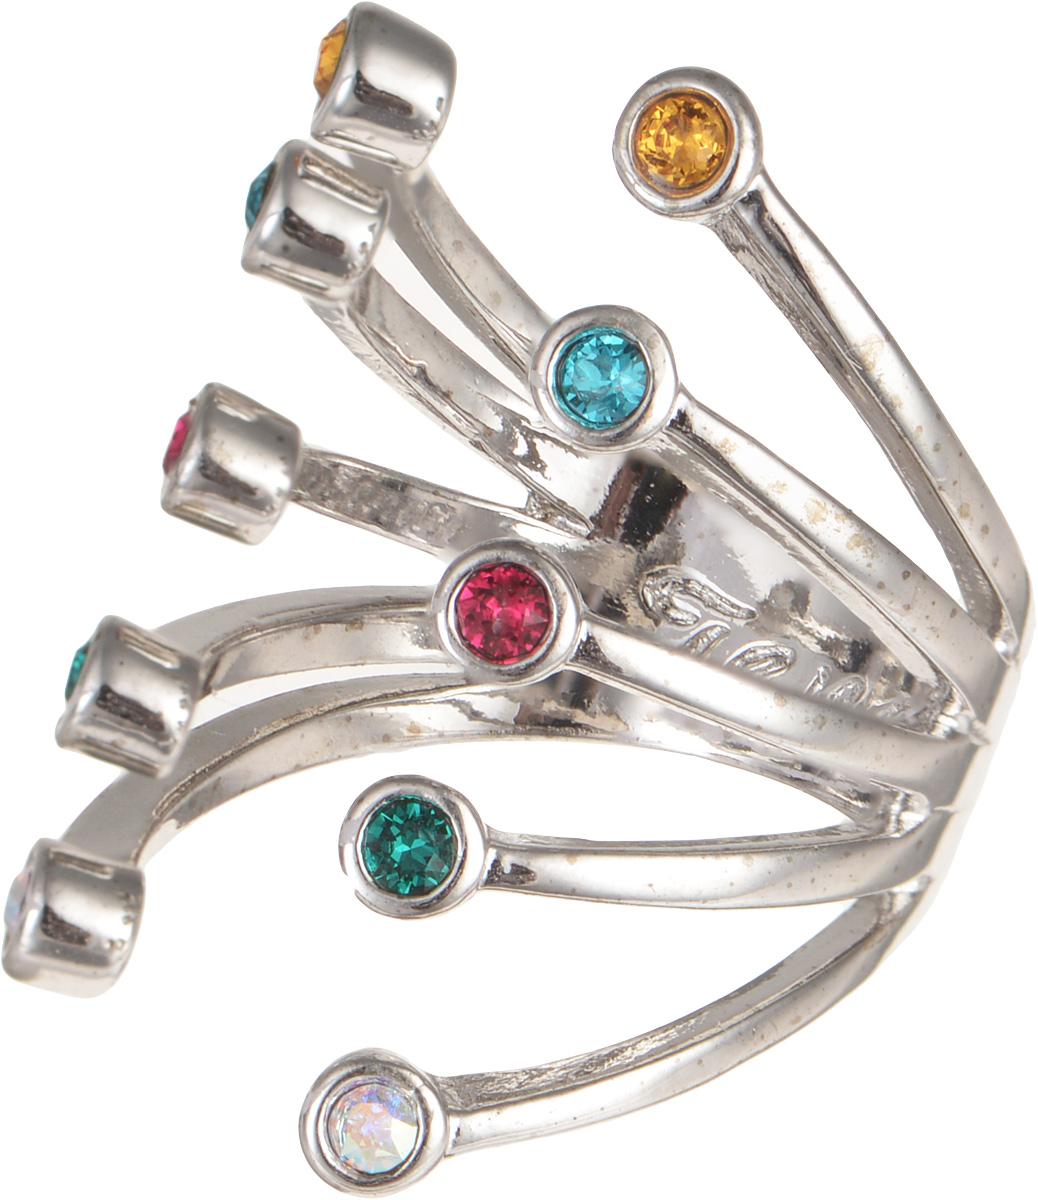 Jenavi, Коллекция Триада, Пурина (Кольцо), цвет - серебряный, мультиколор, размер - 20f694f070Коллекция Триада, Пурина (Кольцо) гипоаллергенный ювелирный сплав,Серебрение c род. , вставка Кристаллы Swarovski , цвет - серебряный, мультиколор, размер - 20